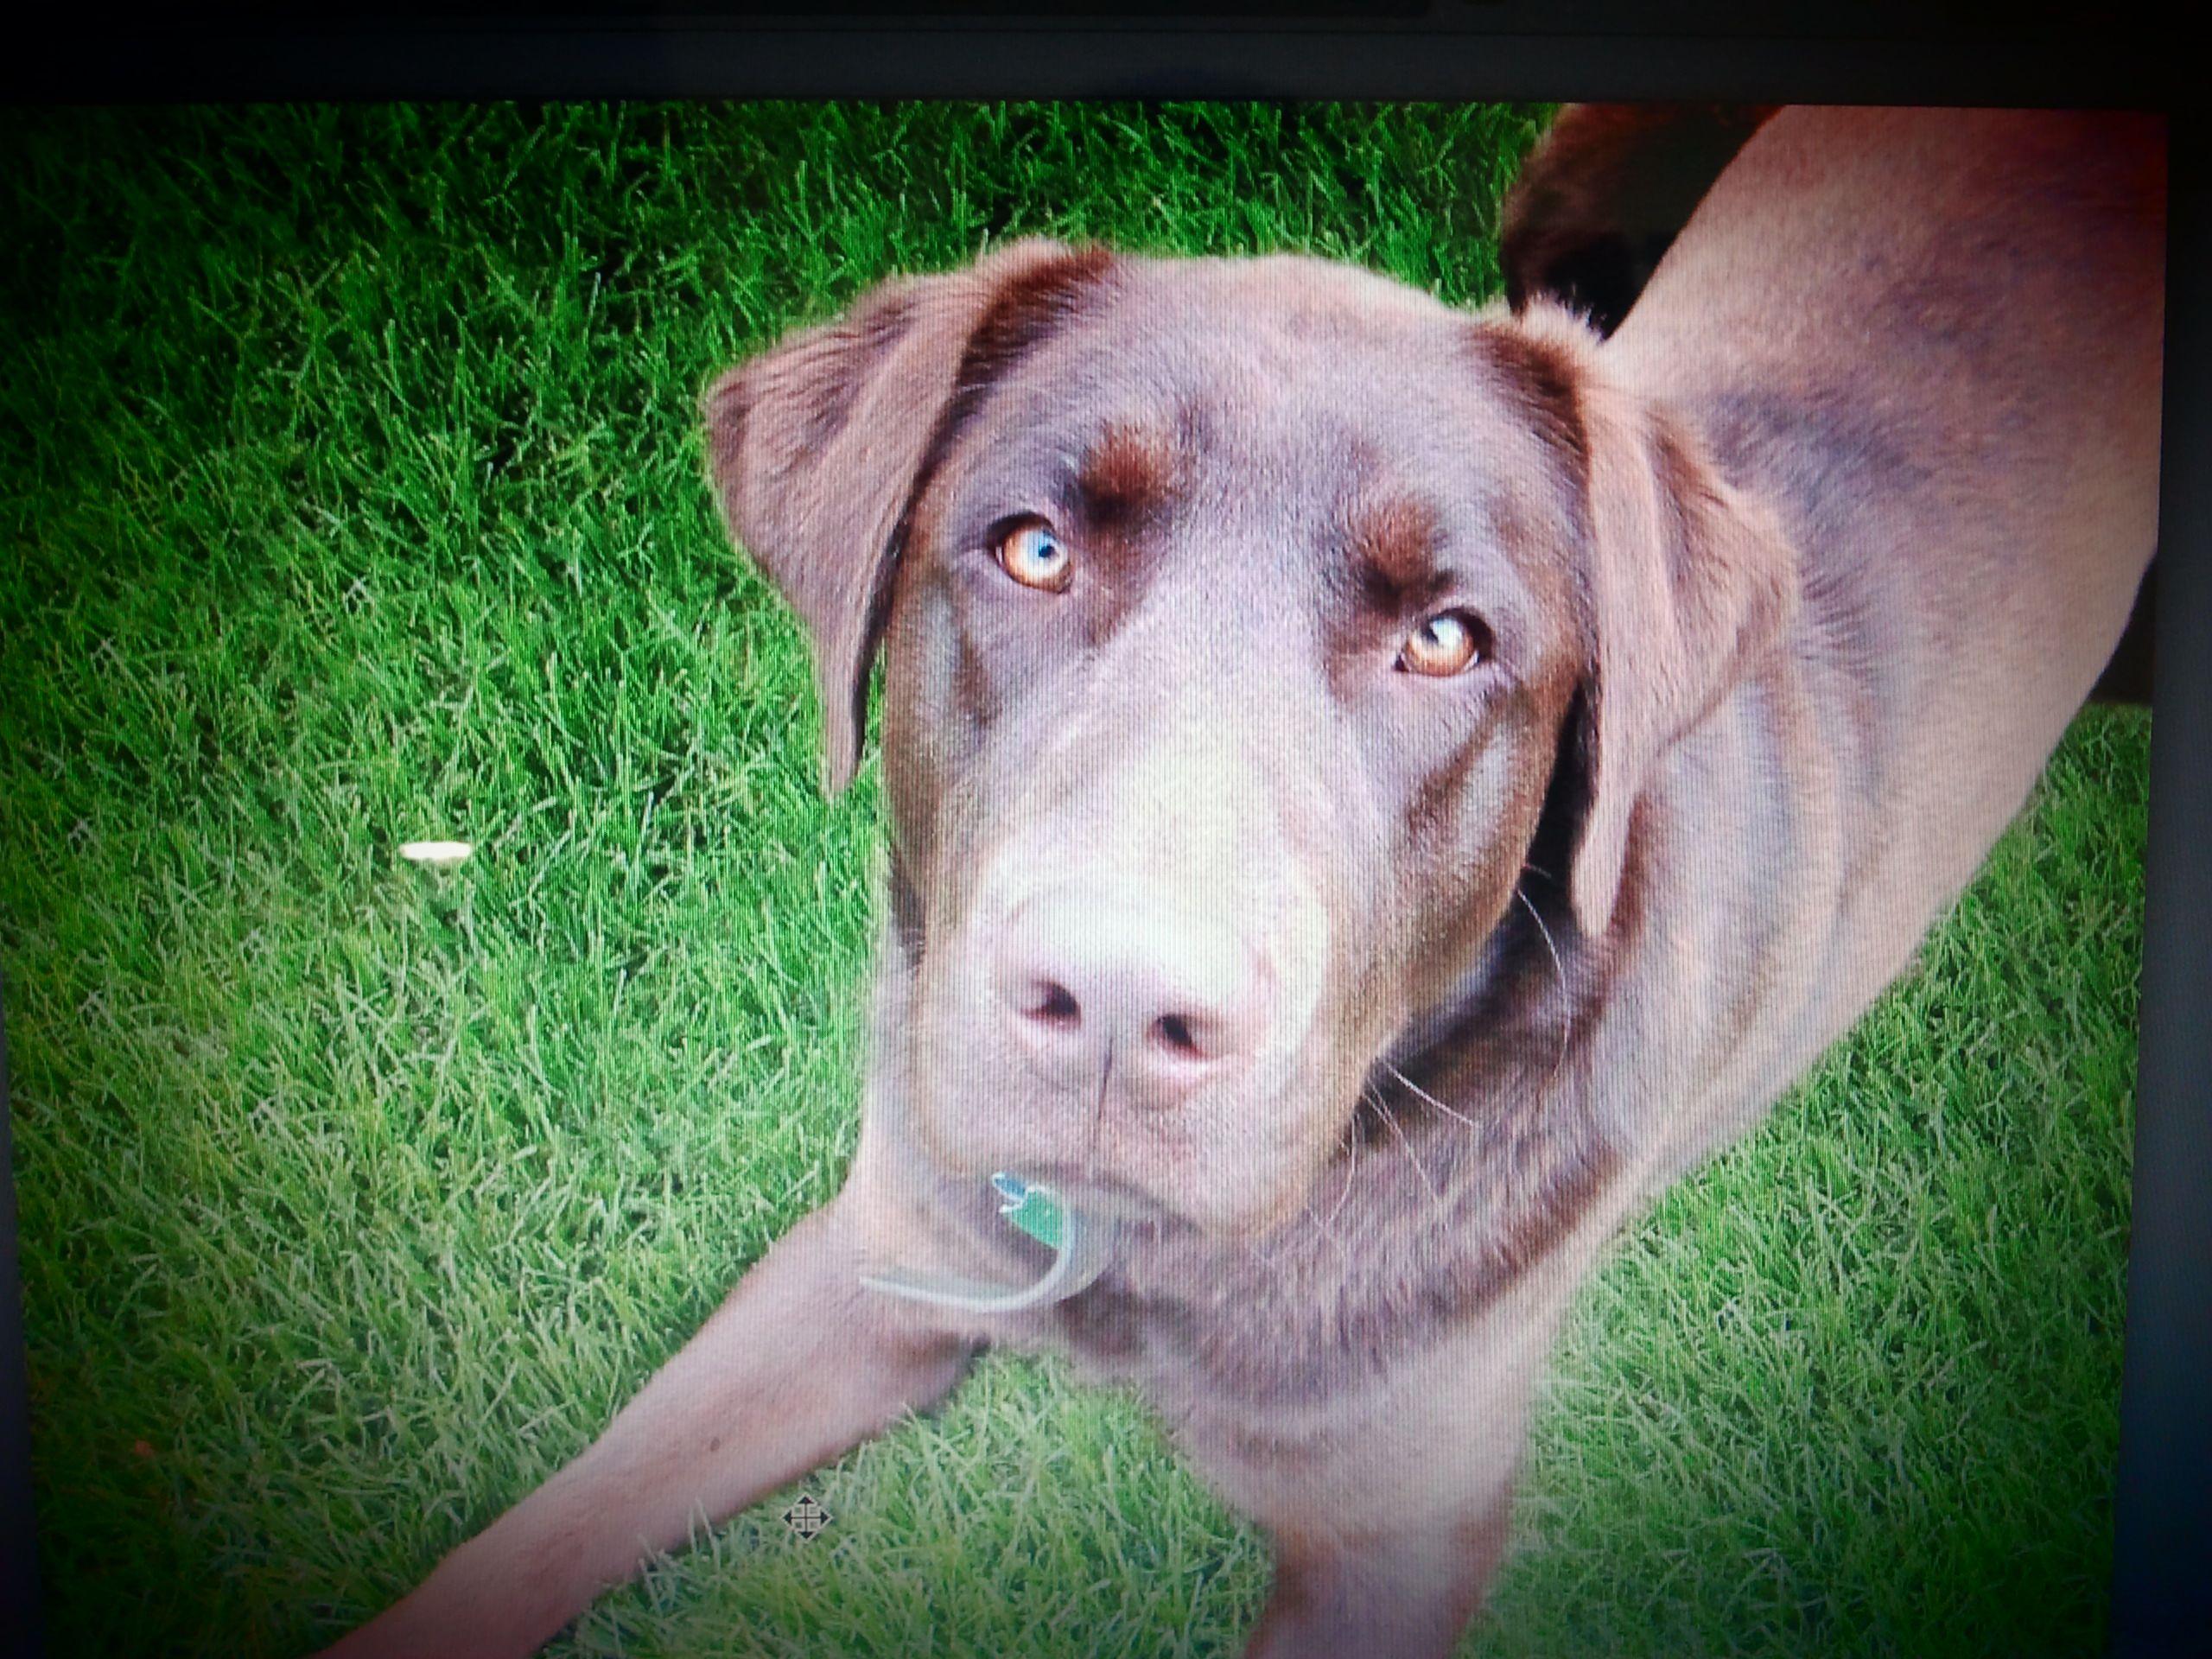 oto pies który lubi skakać na gości - jest tak duży, że mógłby Ci dać BUZI gdy stanie na dwóch tylnich łapach. http://www.szkola-doberman.pl/szkolenie-psow/pies-skacze-na-gosci-a-ty-co/